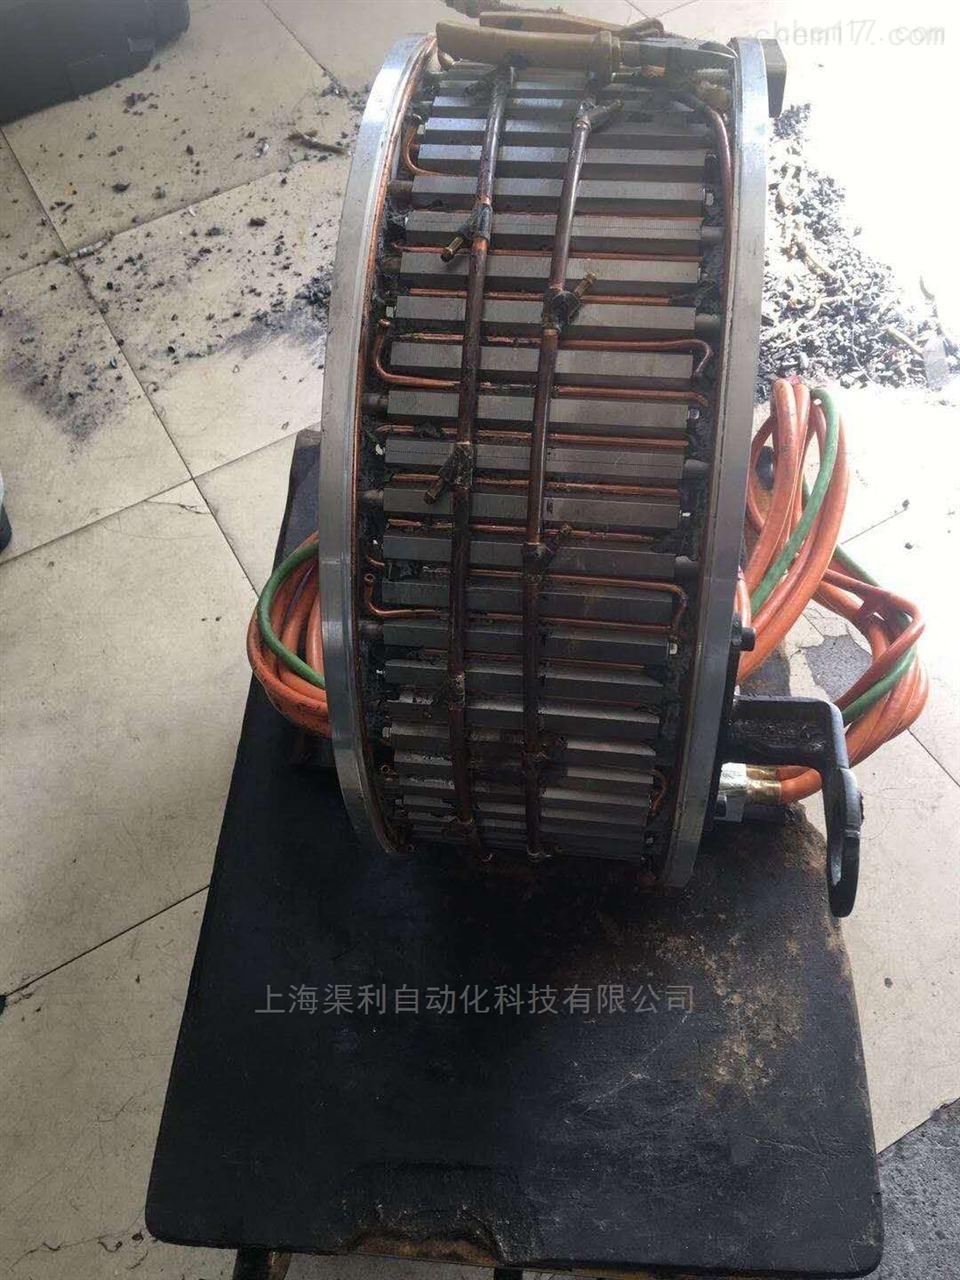 机床西门子主轴电机维修更换编码器故障-当天可以修好